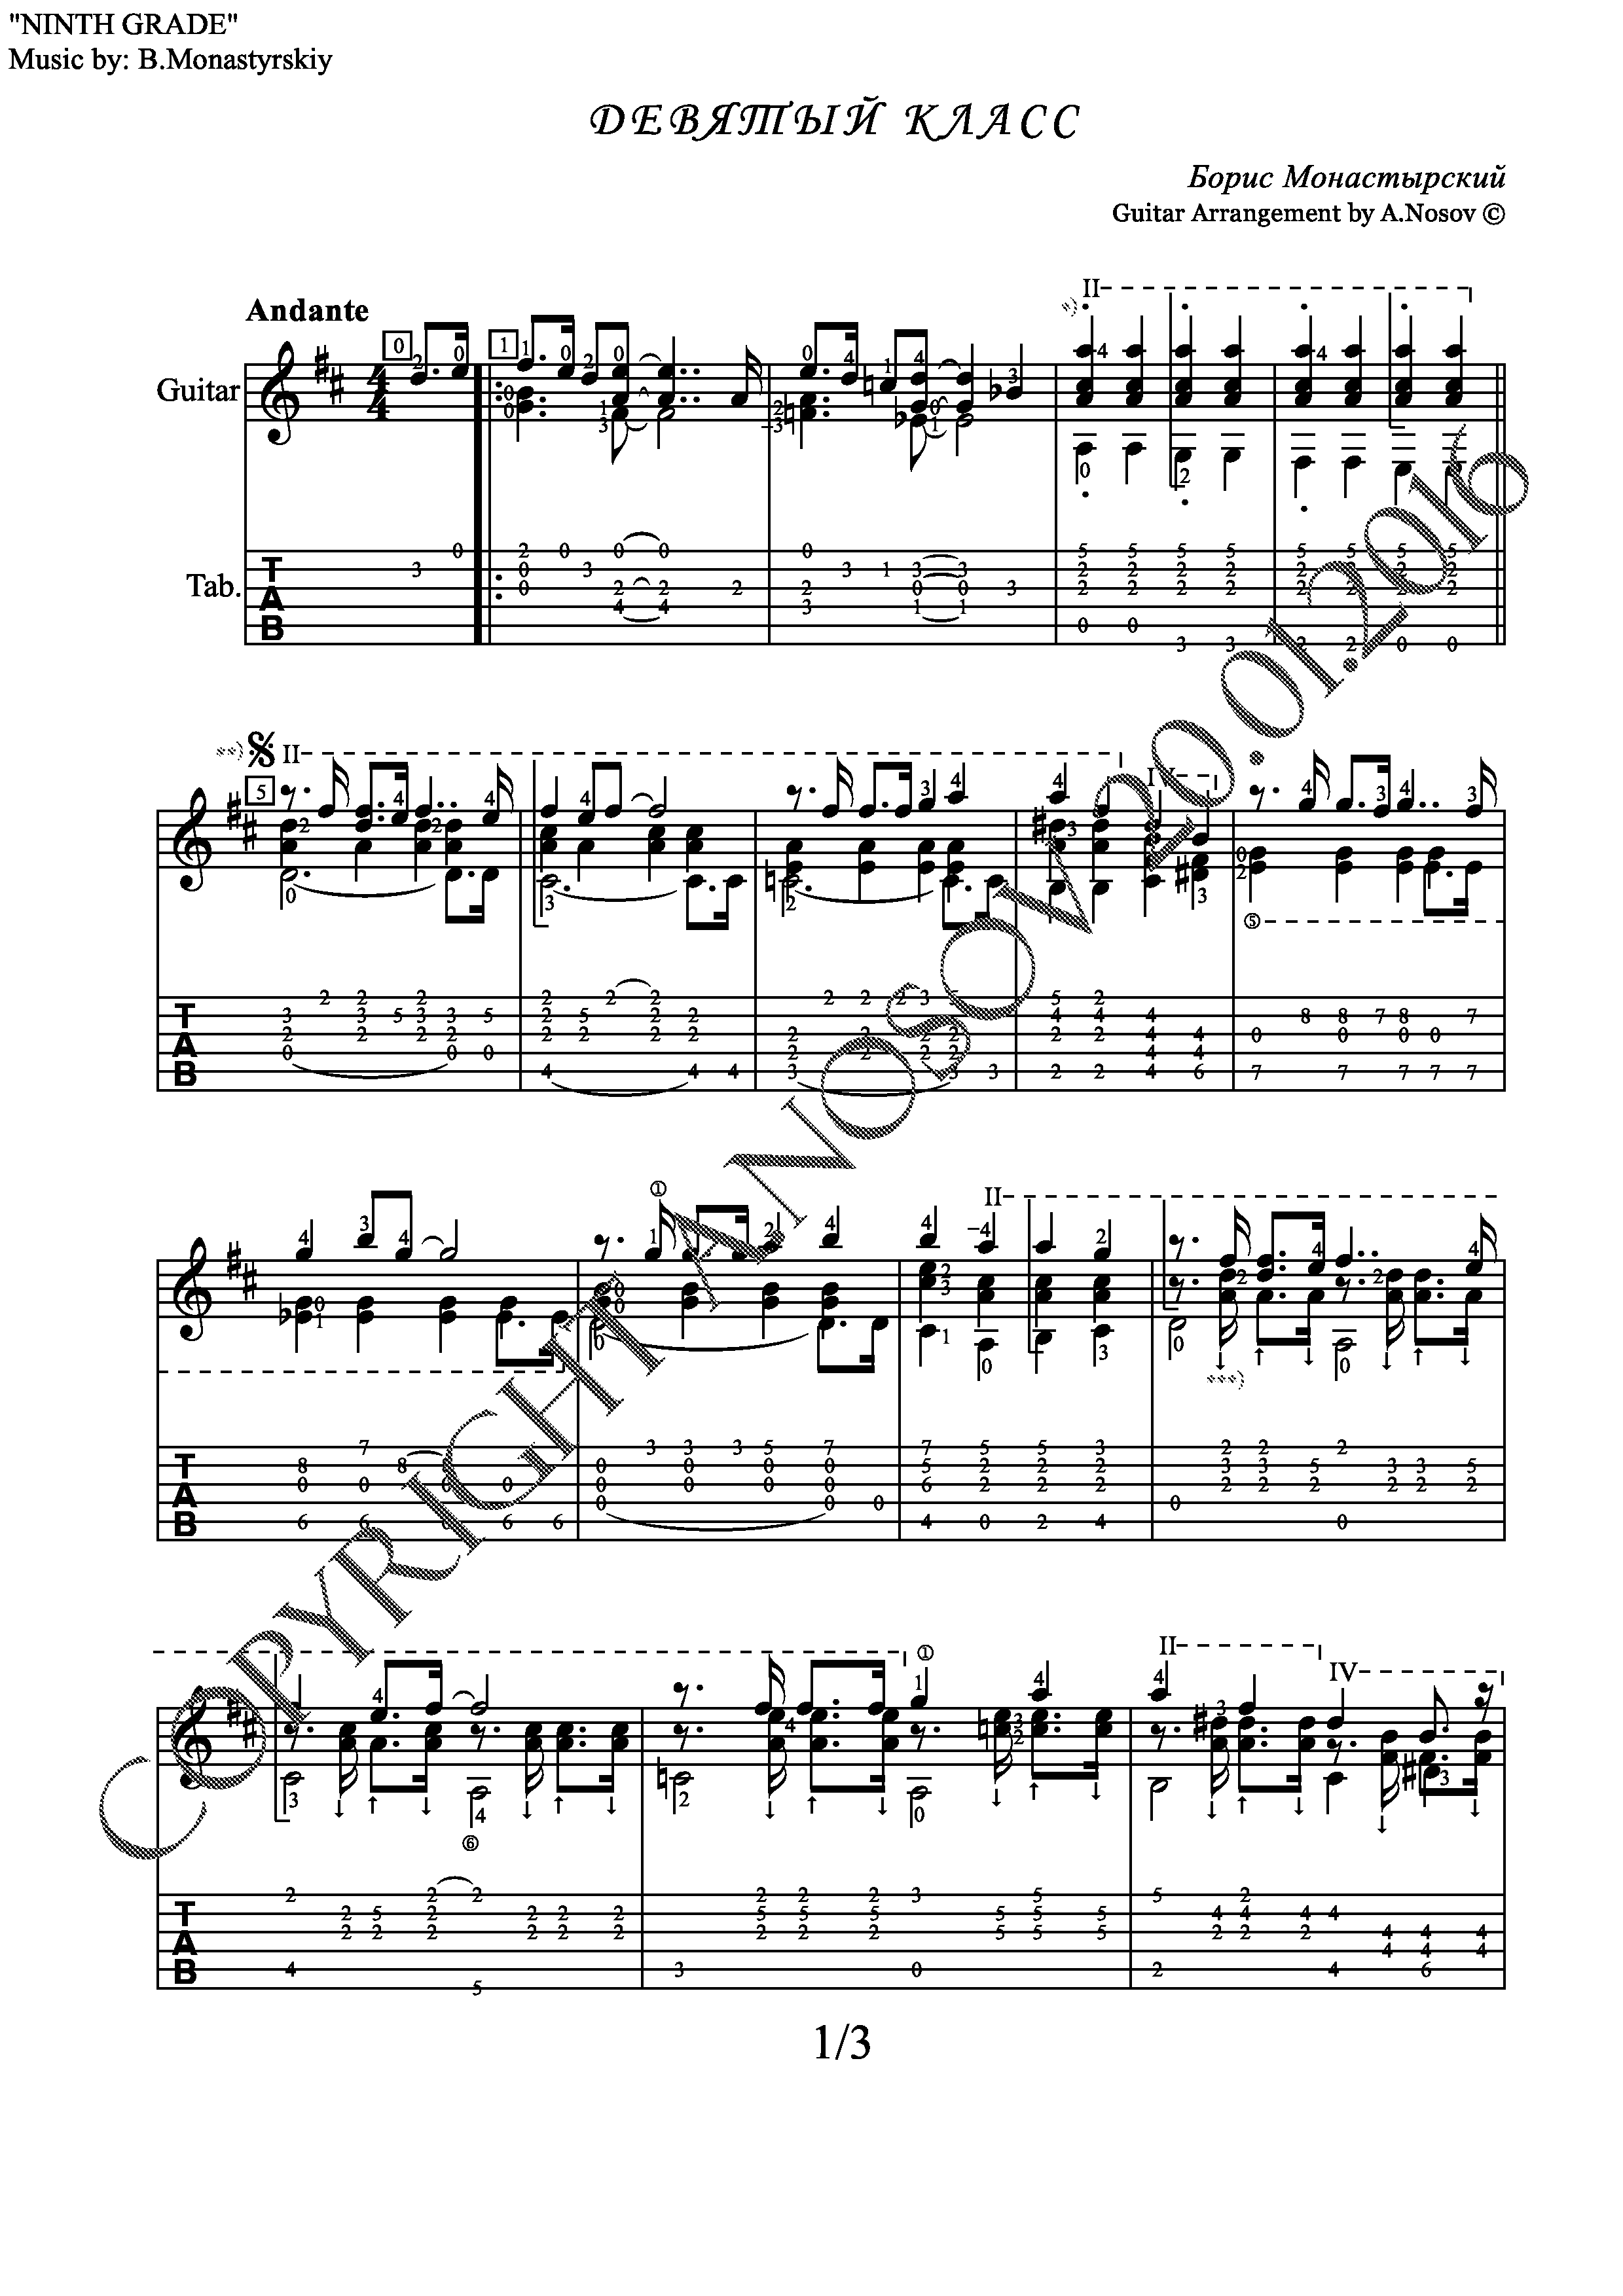 Девятый класс (Ноты и табы для гитары соло)